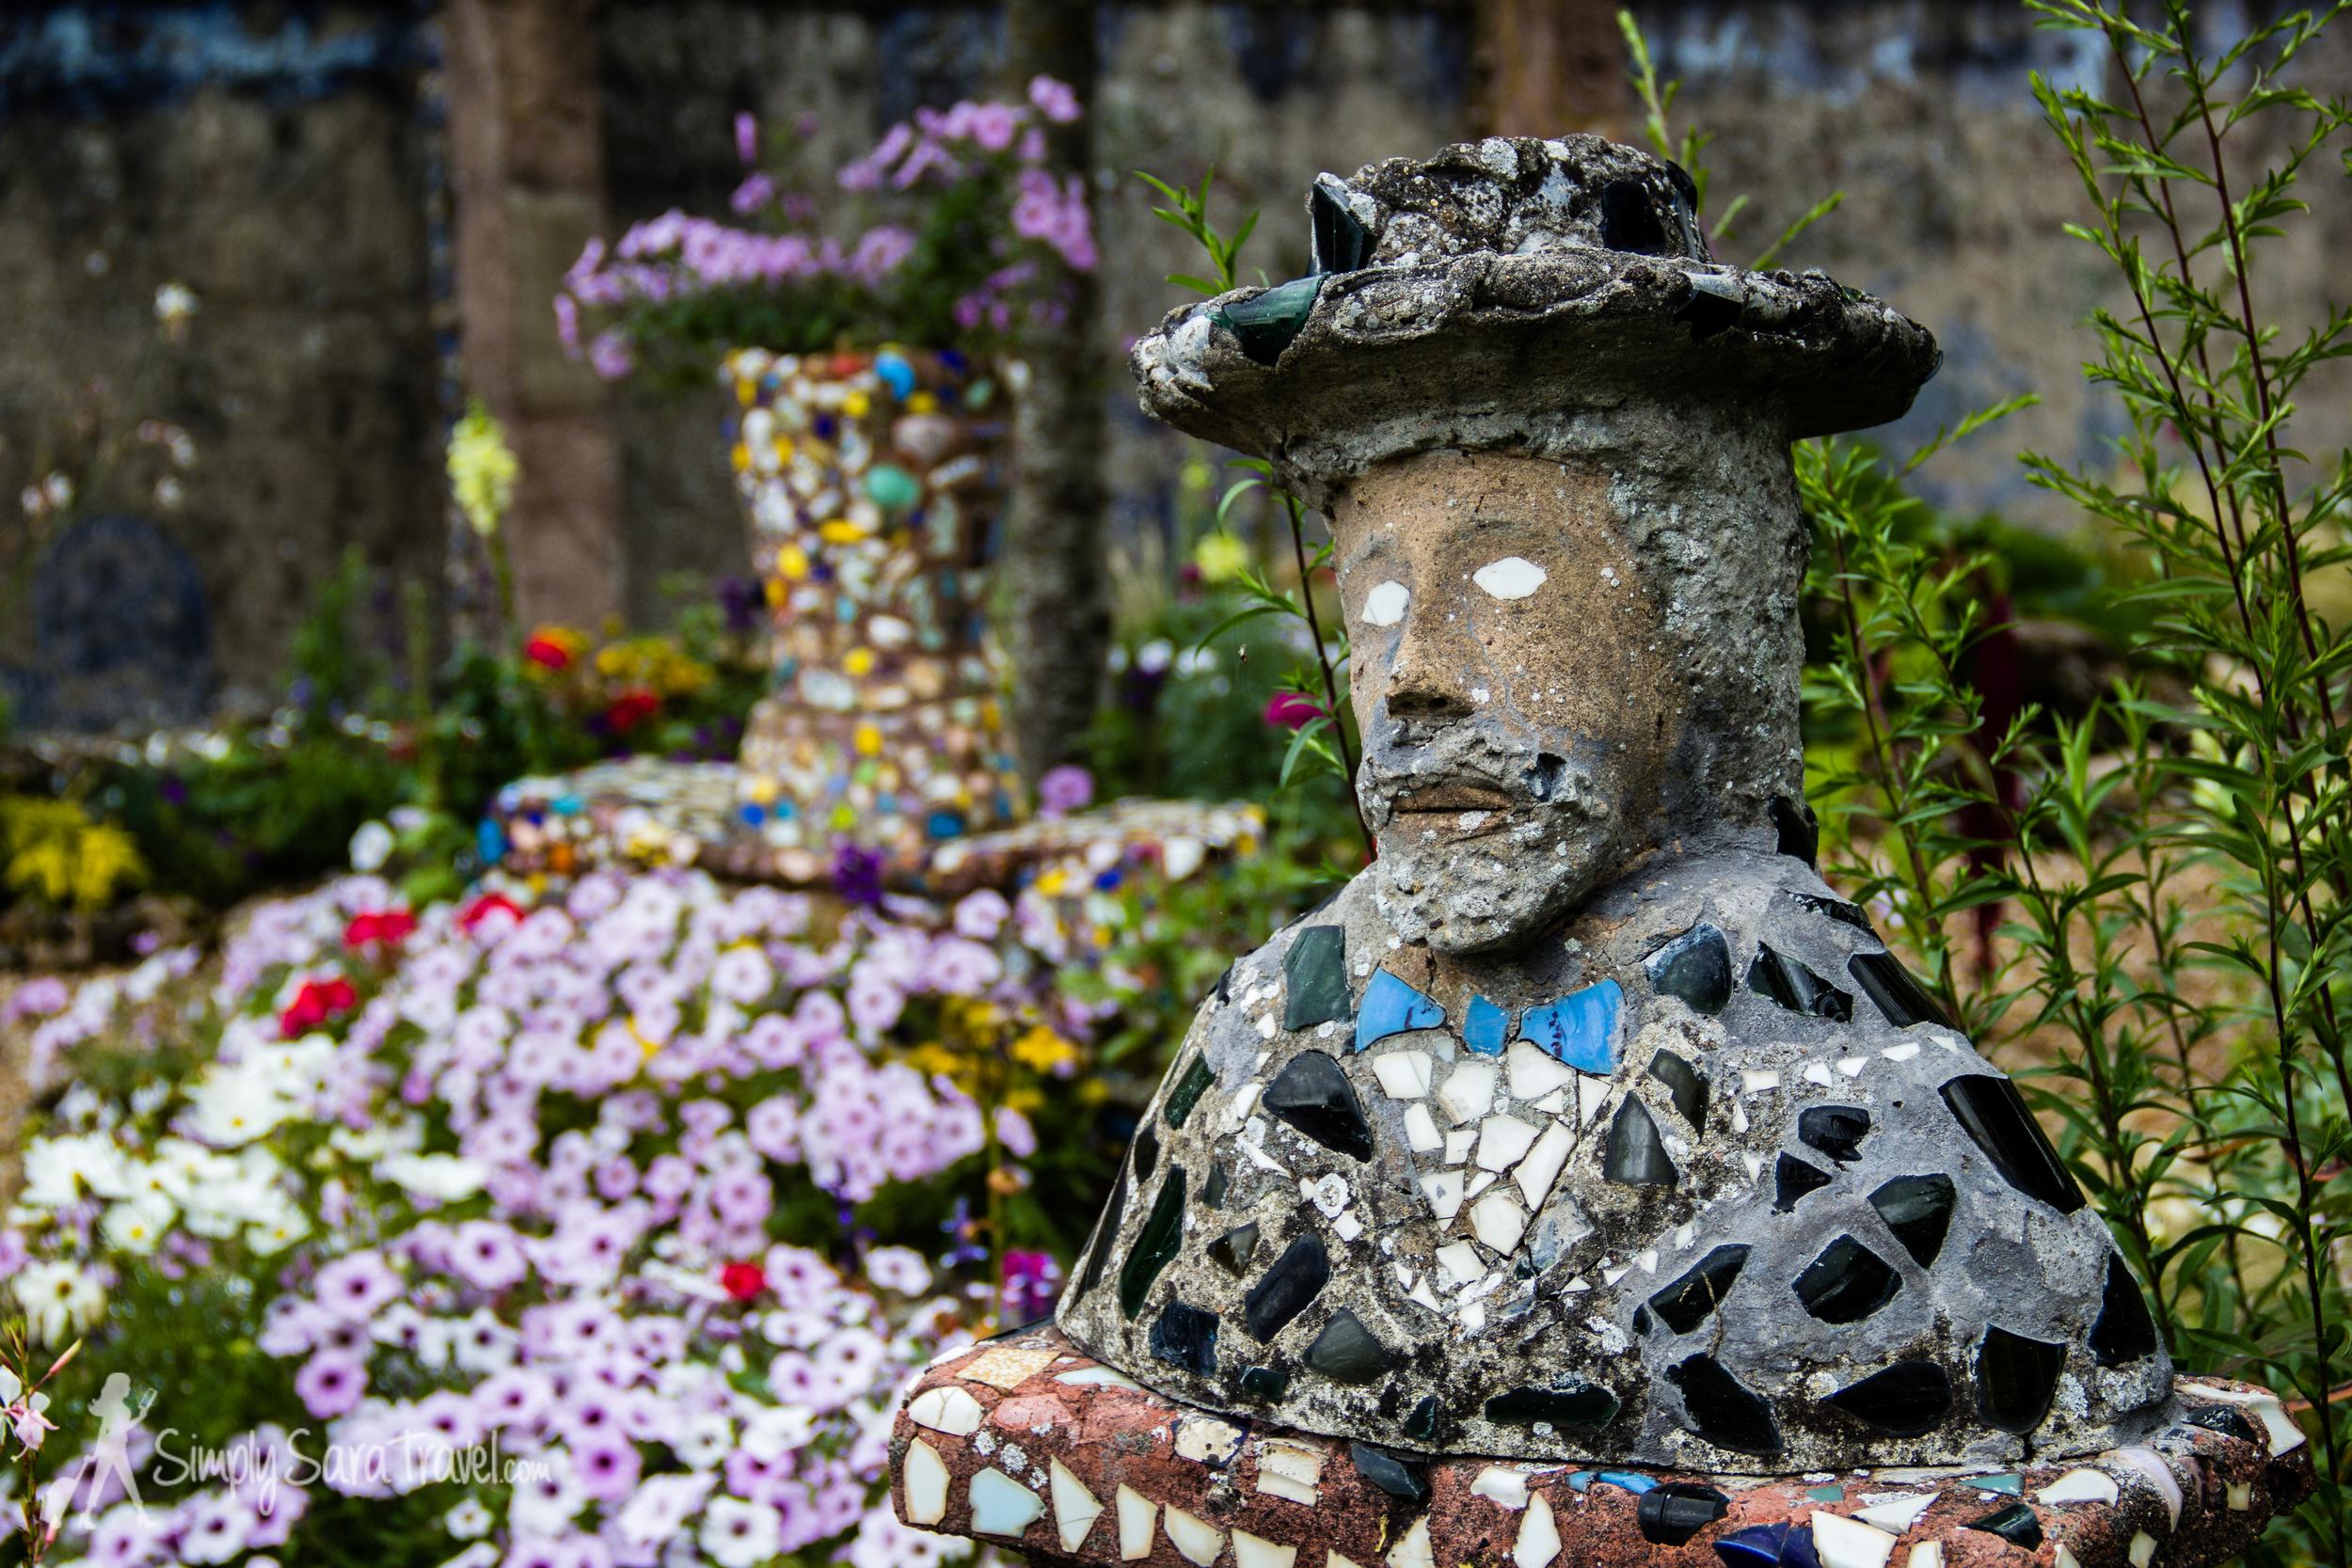 Sculpture in the garden of La Maison Picassiette